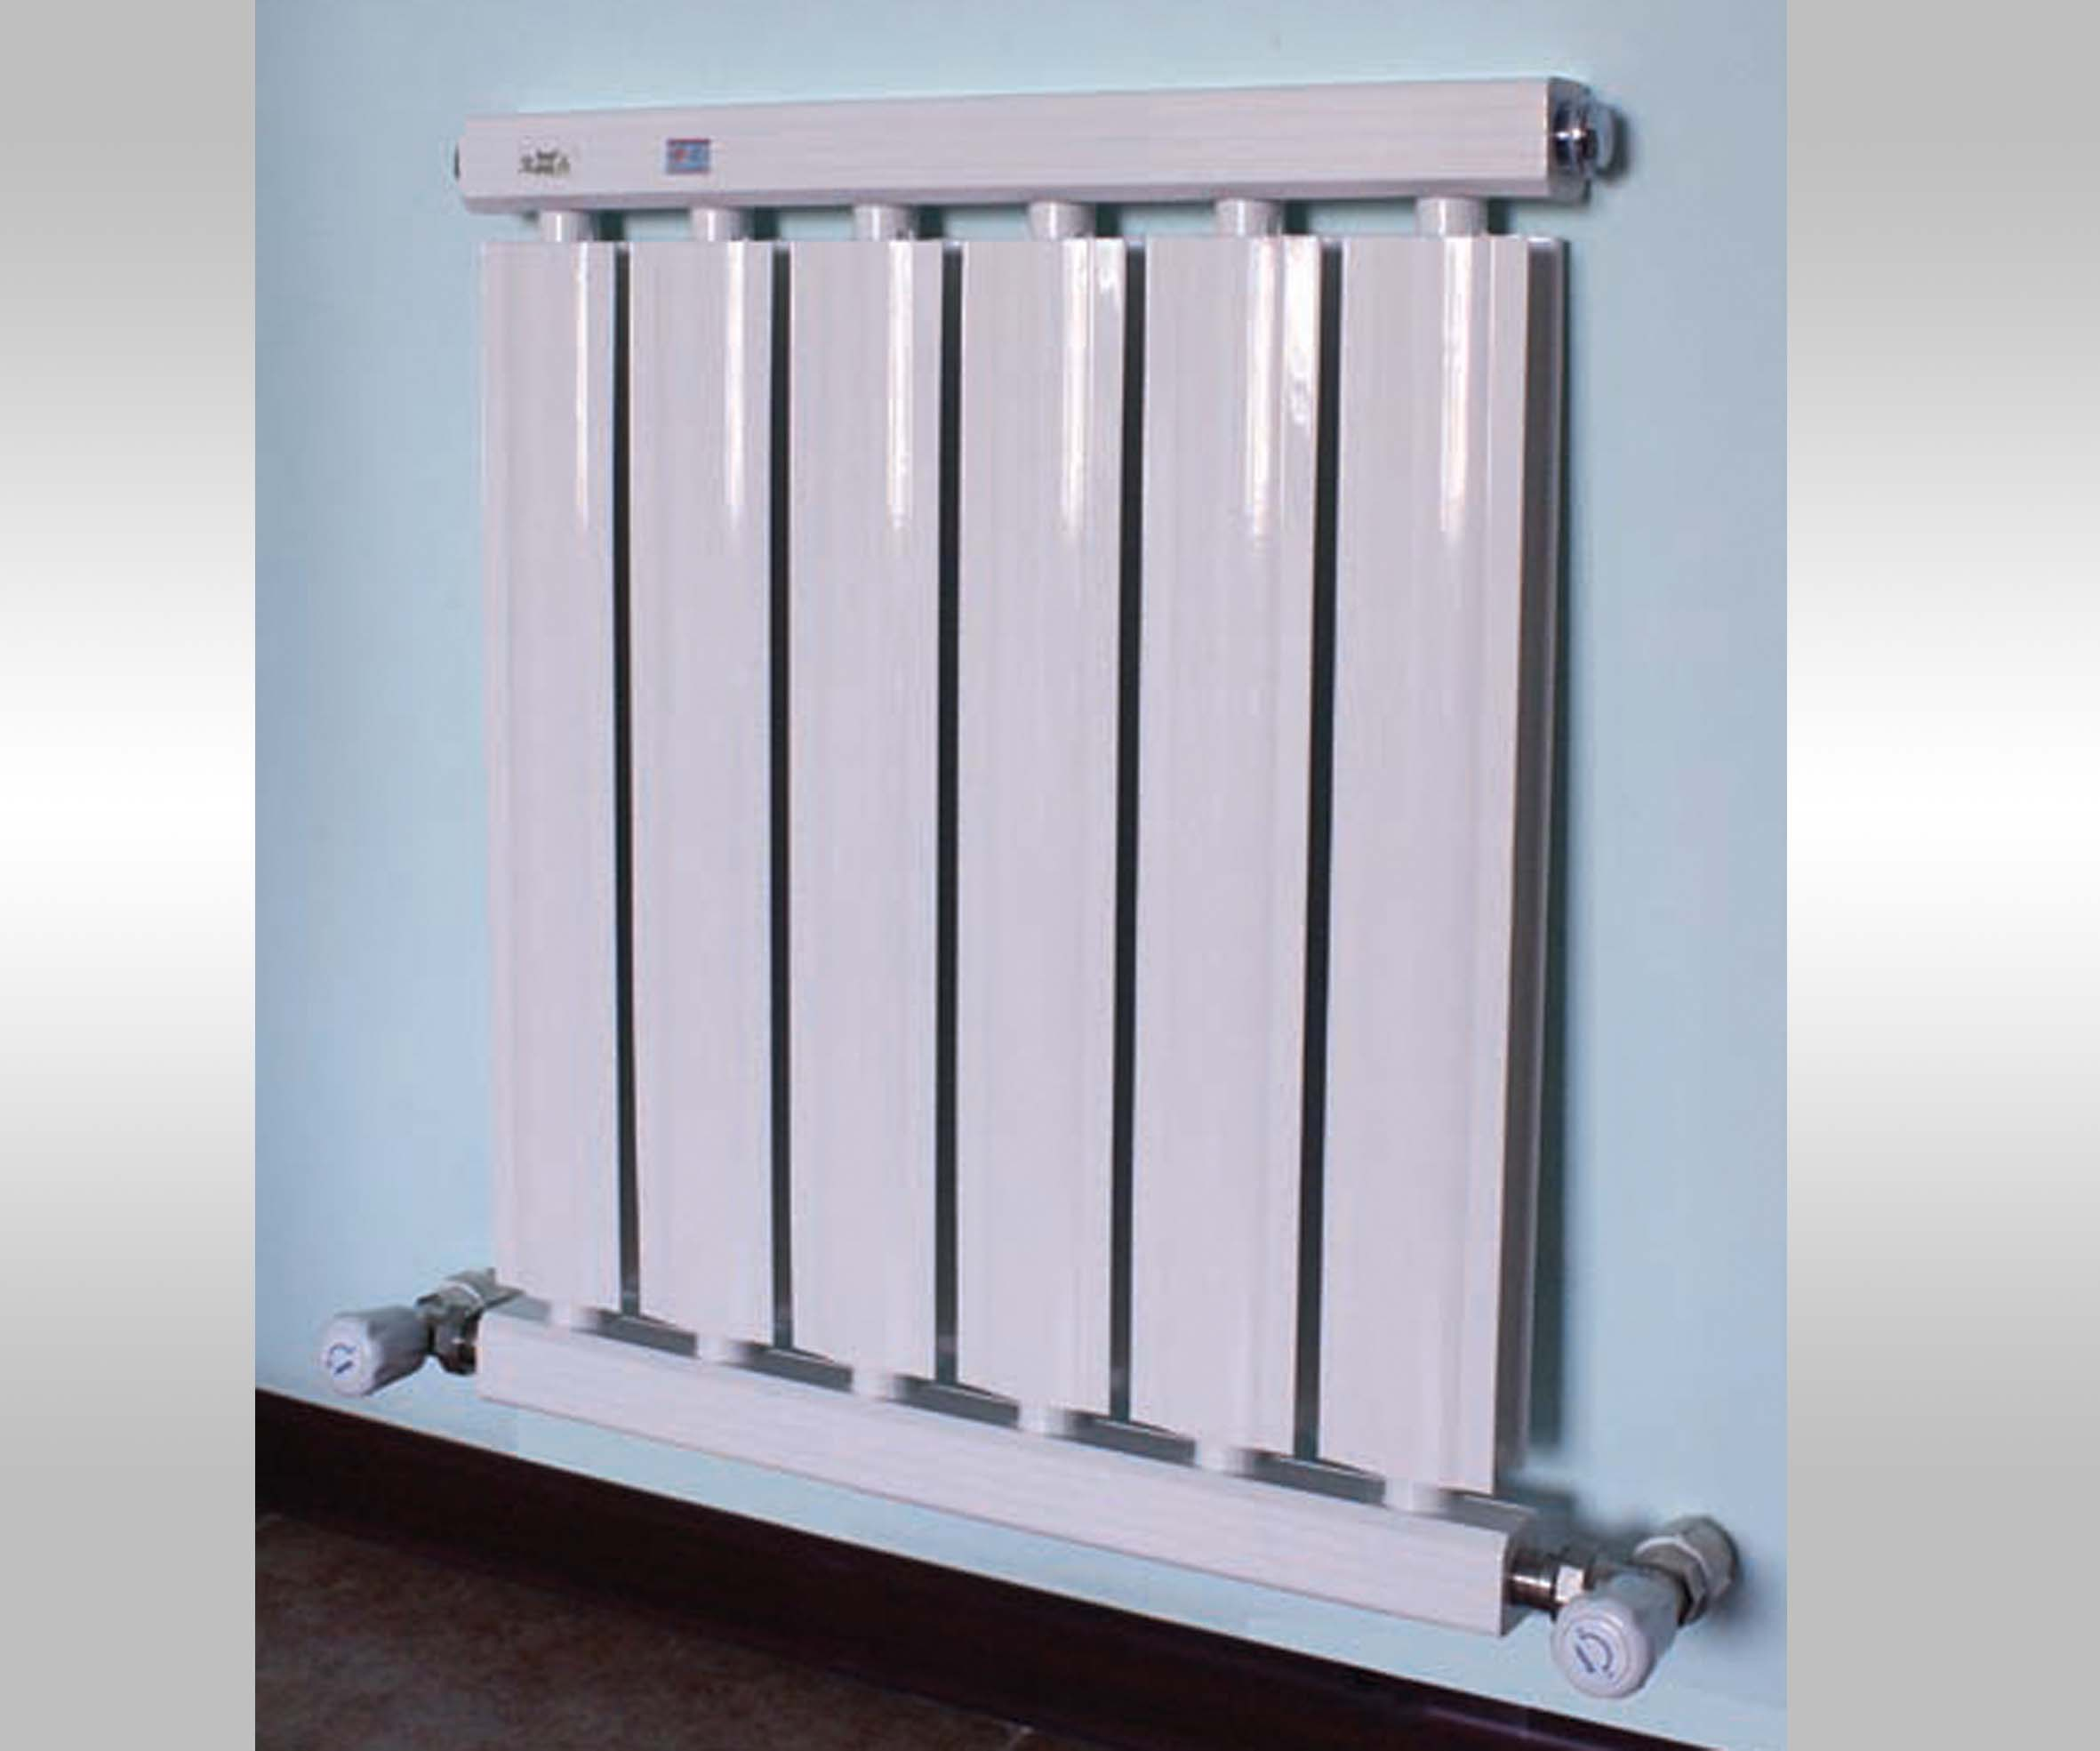 浅谈钢制散热器在集中供暖中的优势所在